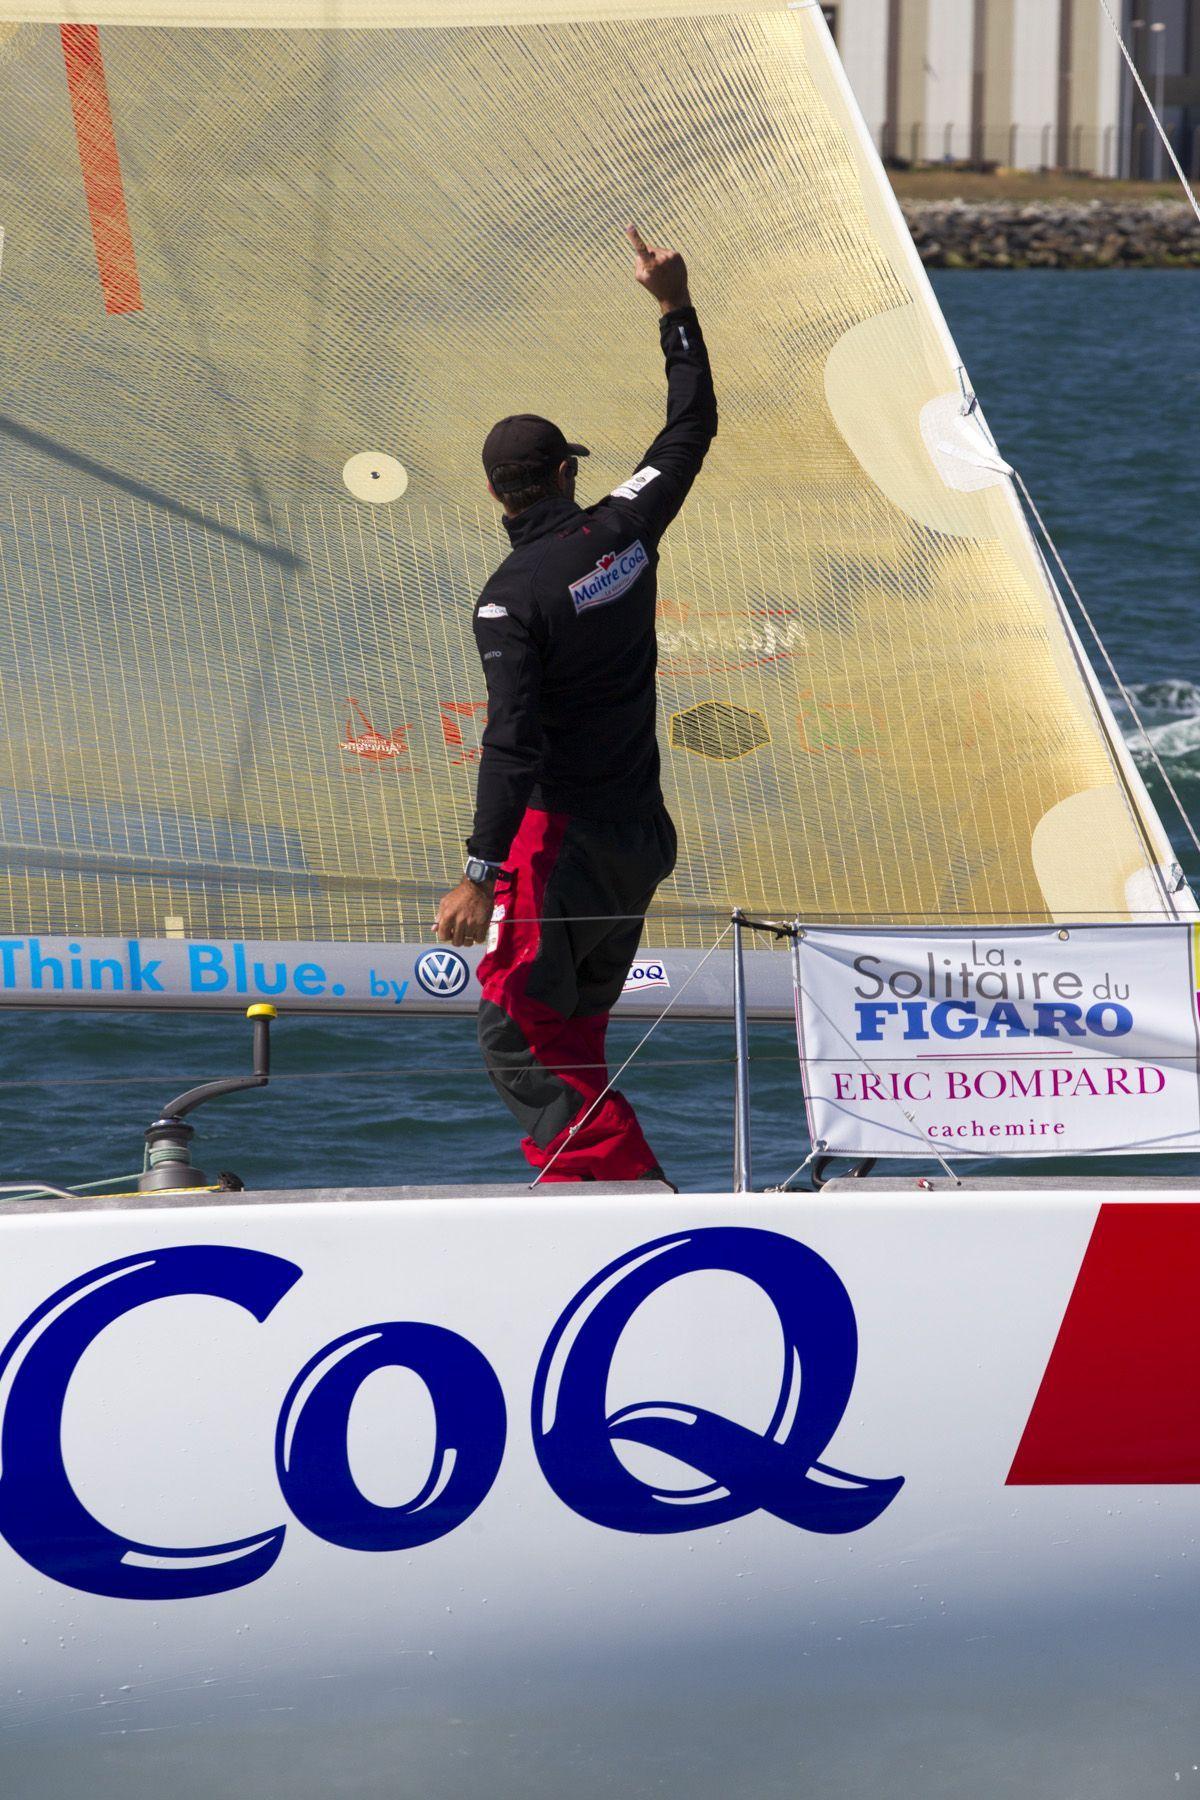 Solitaire du Figaro 2014 - Maître CoQ - Jérémie Beyou : Jeu, set et triplé pour Jérémie Beyou